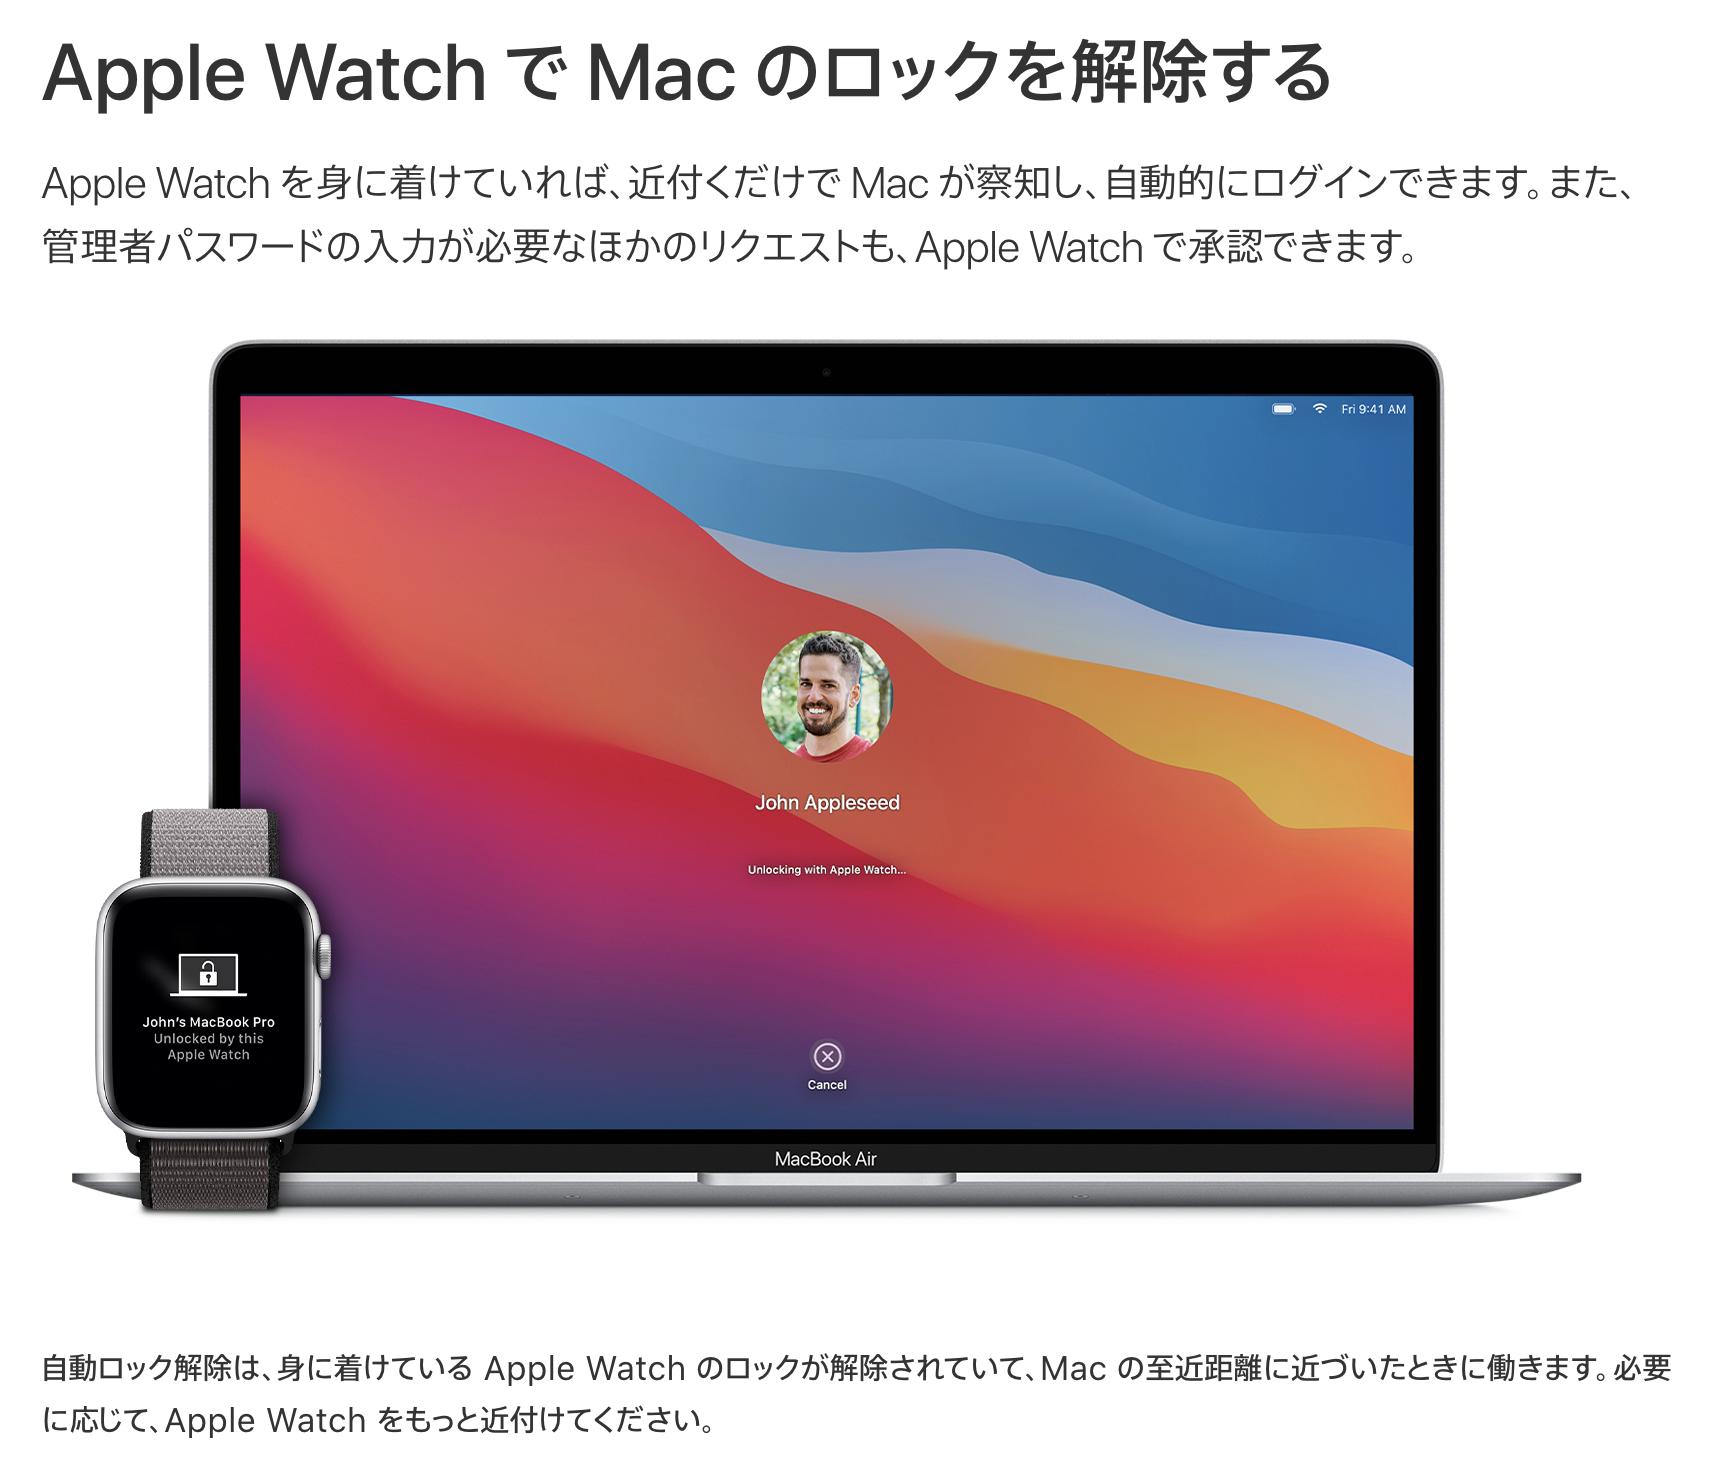 Mac のロック解除を Apple Watch で